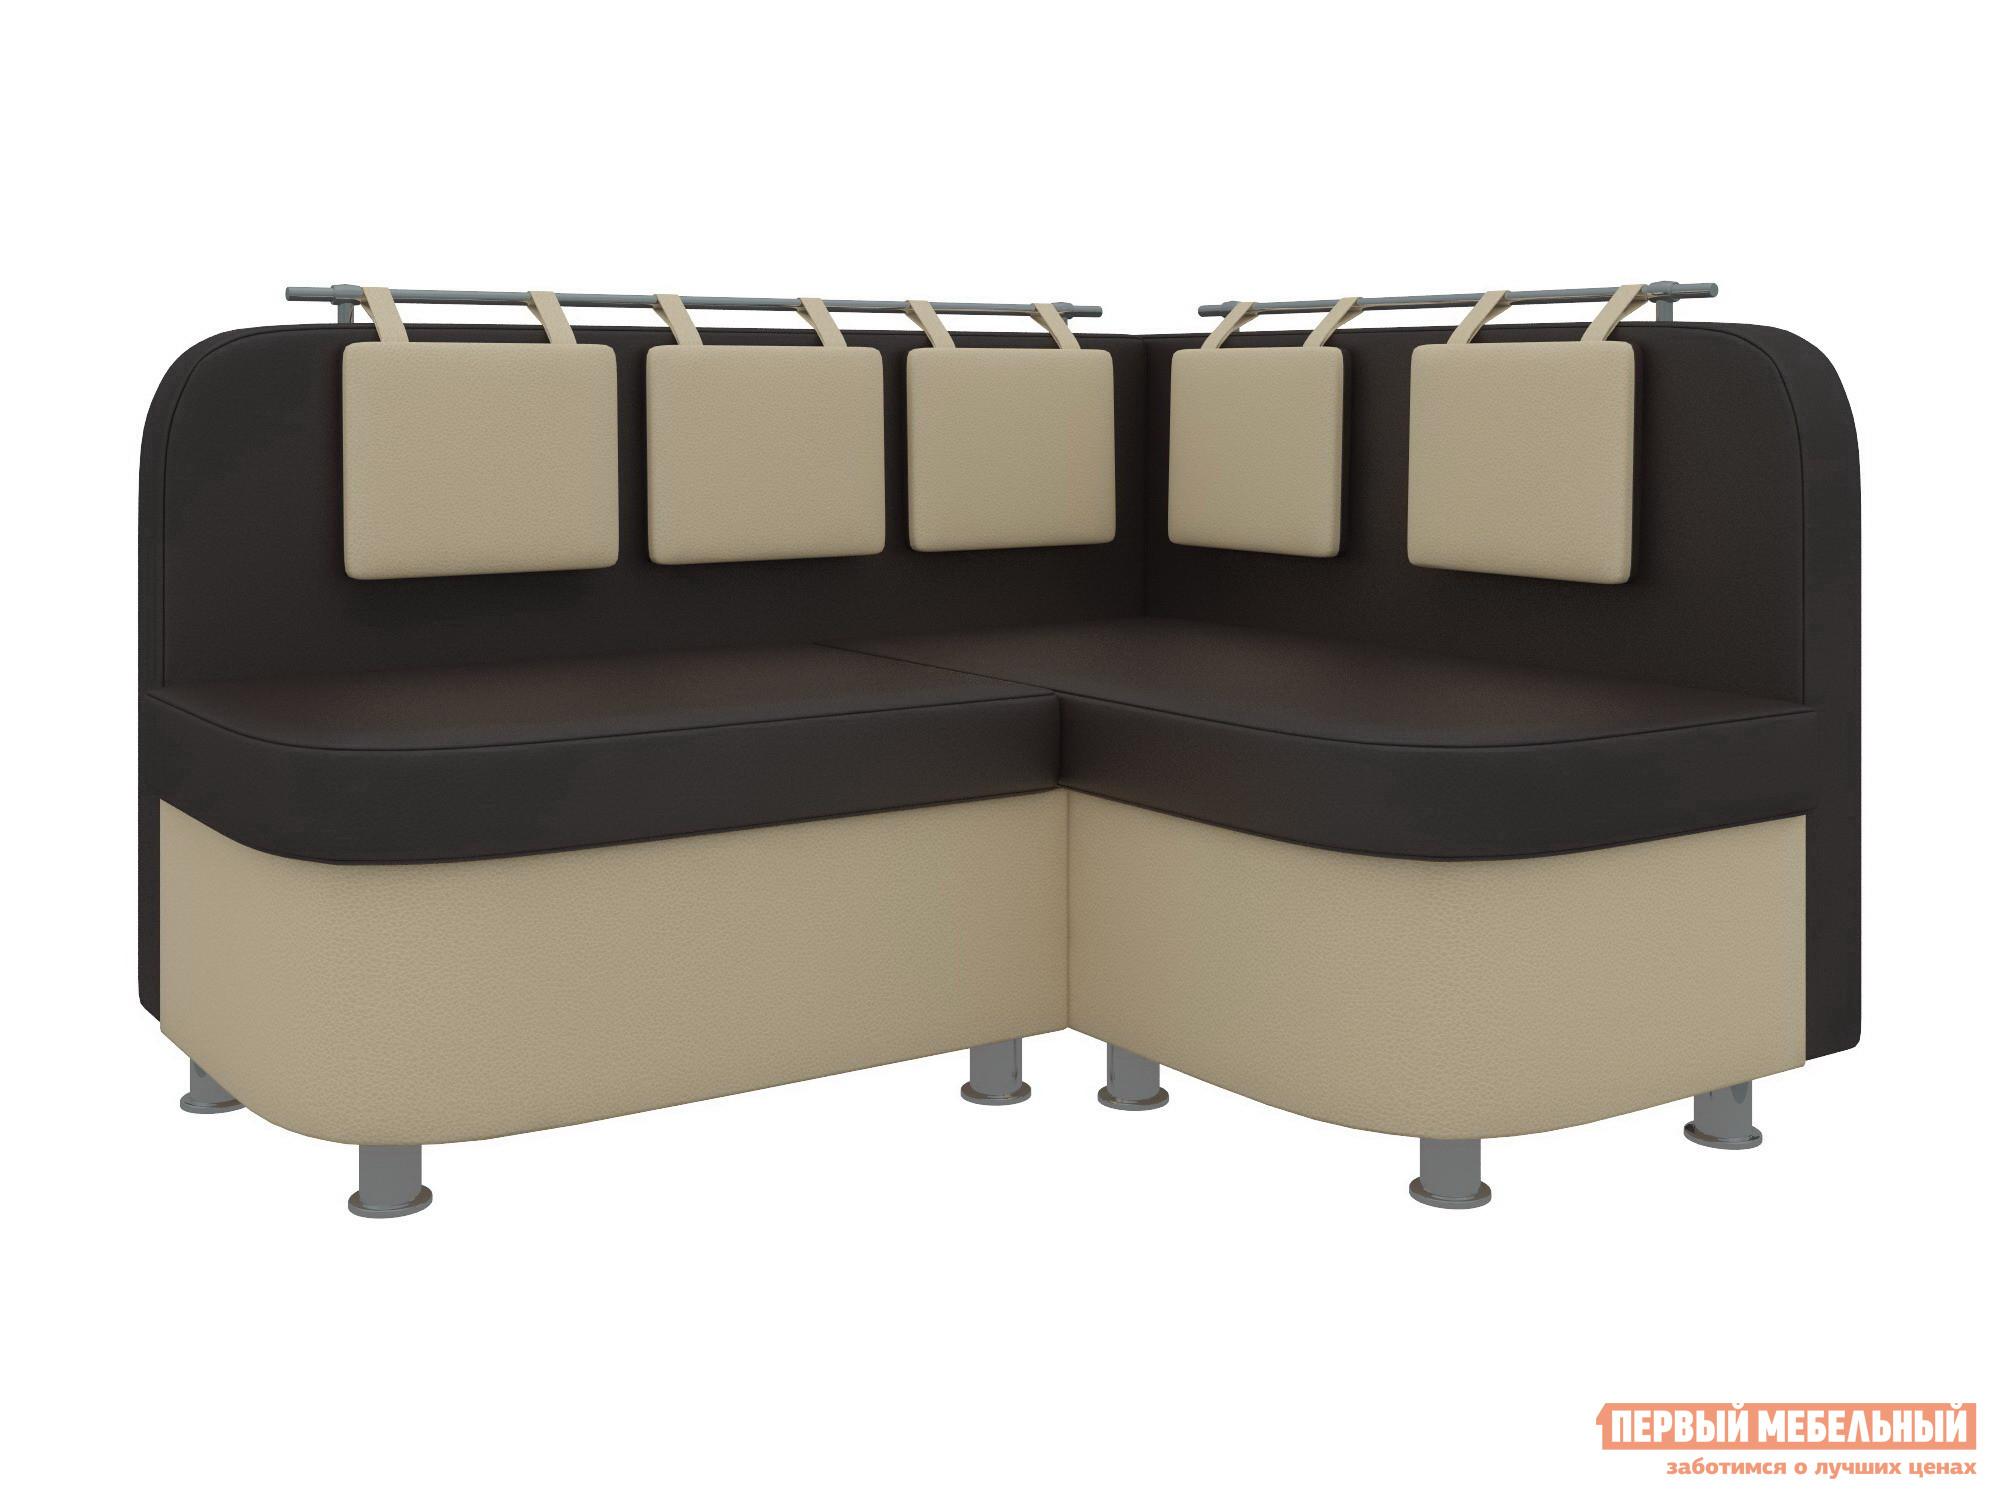 Кухонный уголок без стола и стульев Мебелико Уют-2 кухонный уголок для маленькой кухни без стола мирлачев люкс модульный